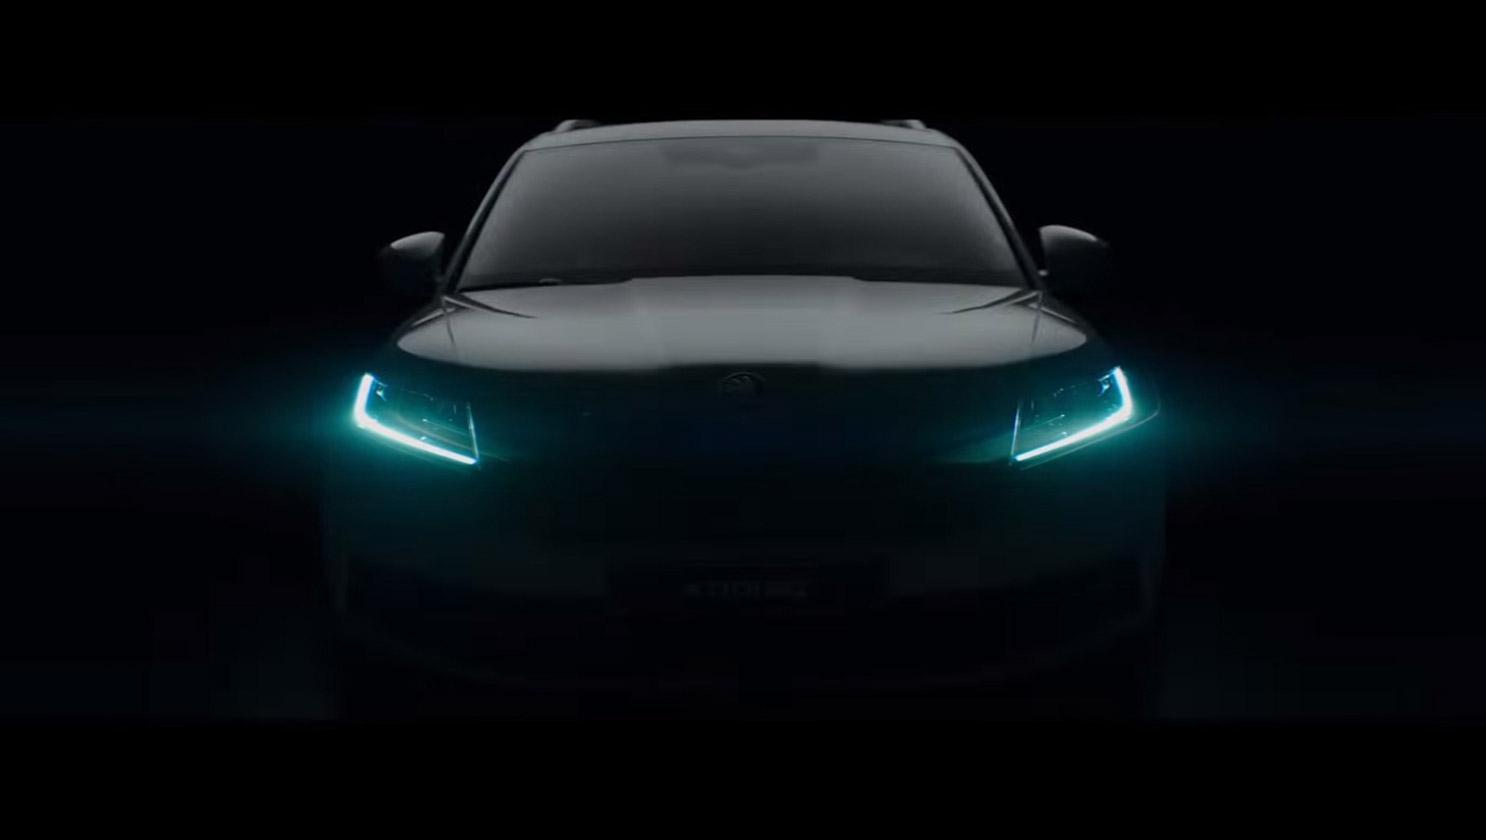 東欧自動車ブランドの広告宣伝―マイナスイメージを逆手に取る